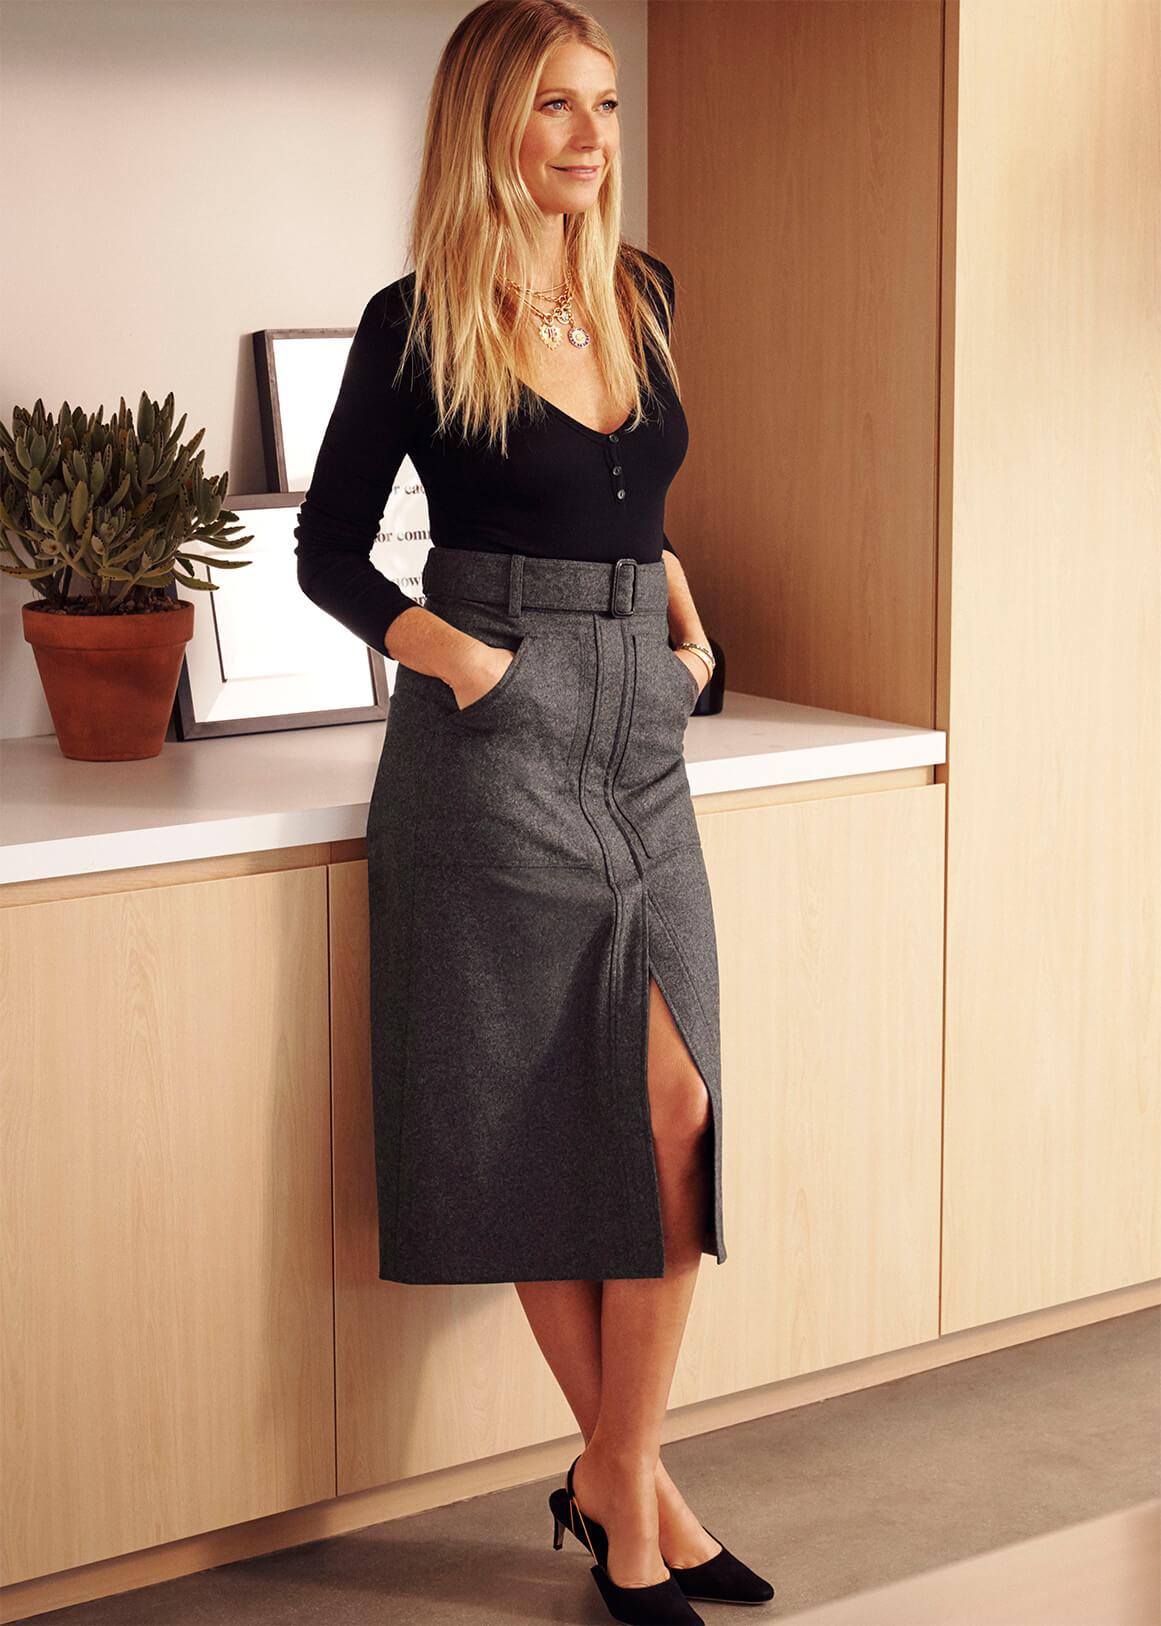 Annika Long-Sleeve Henley Bodysuit and Danielson Midlength Skirt